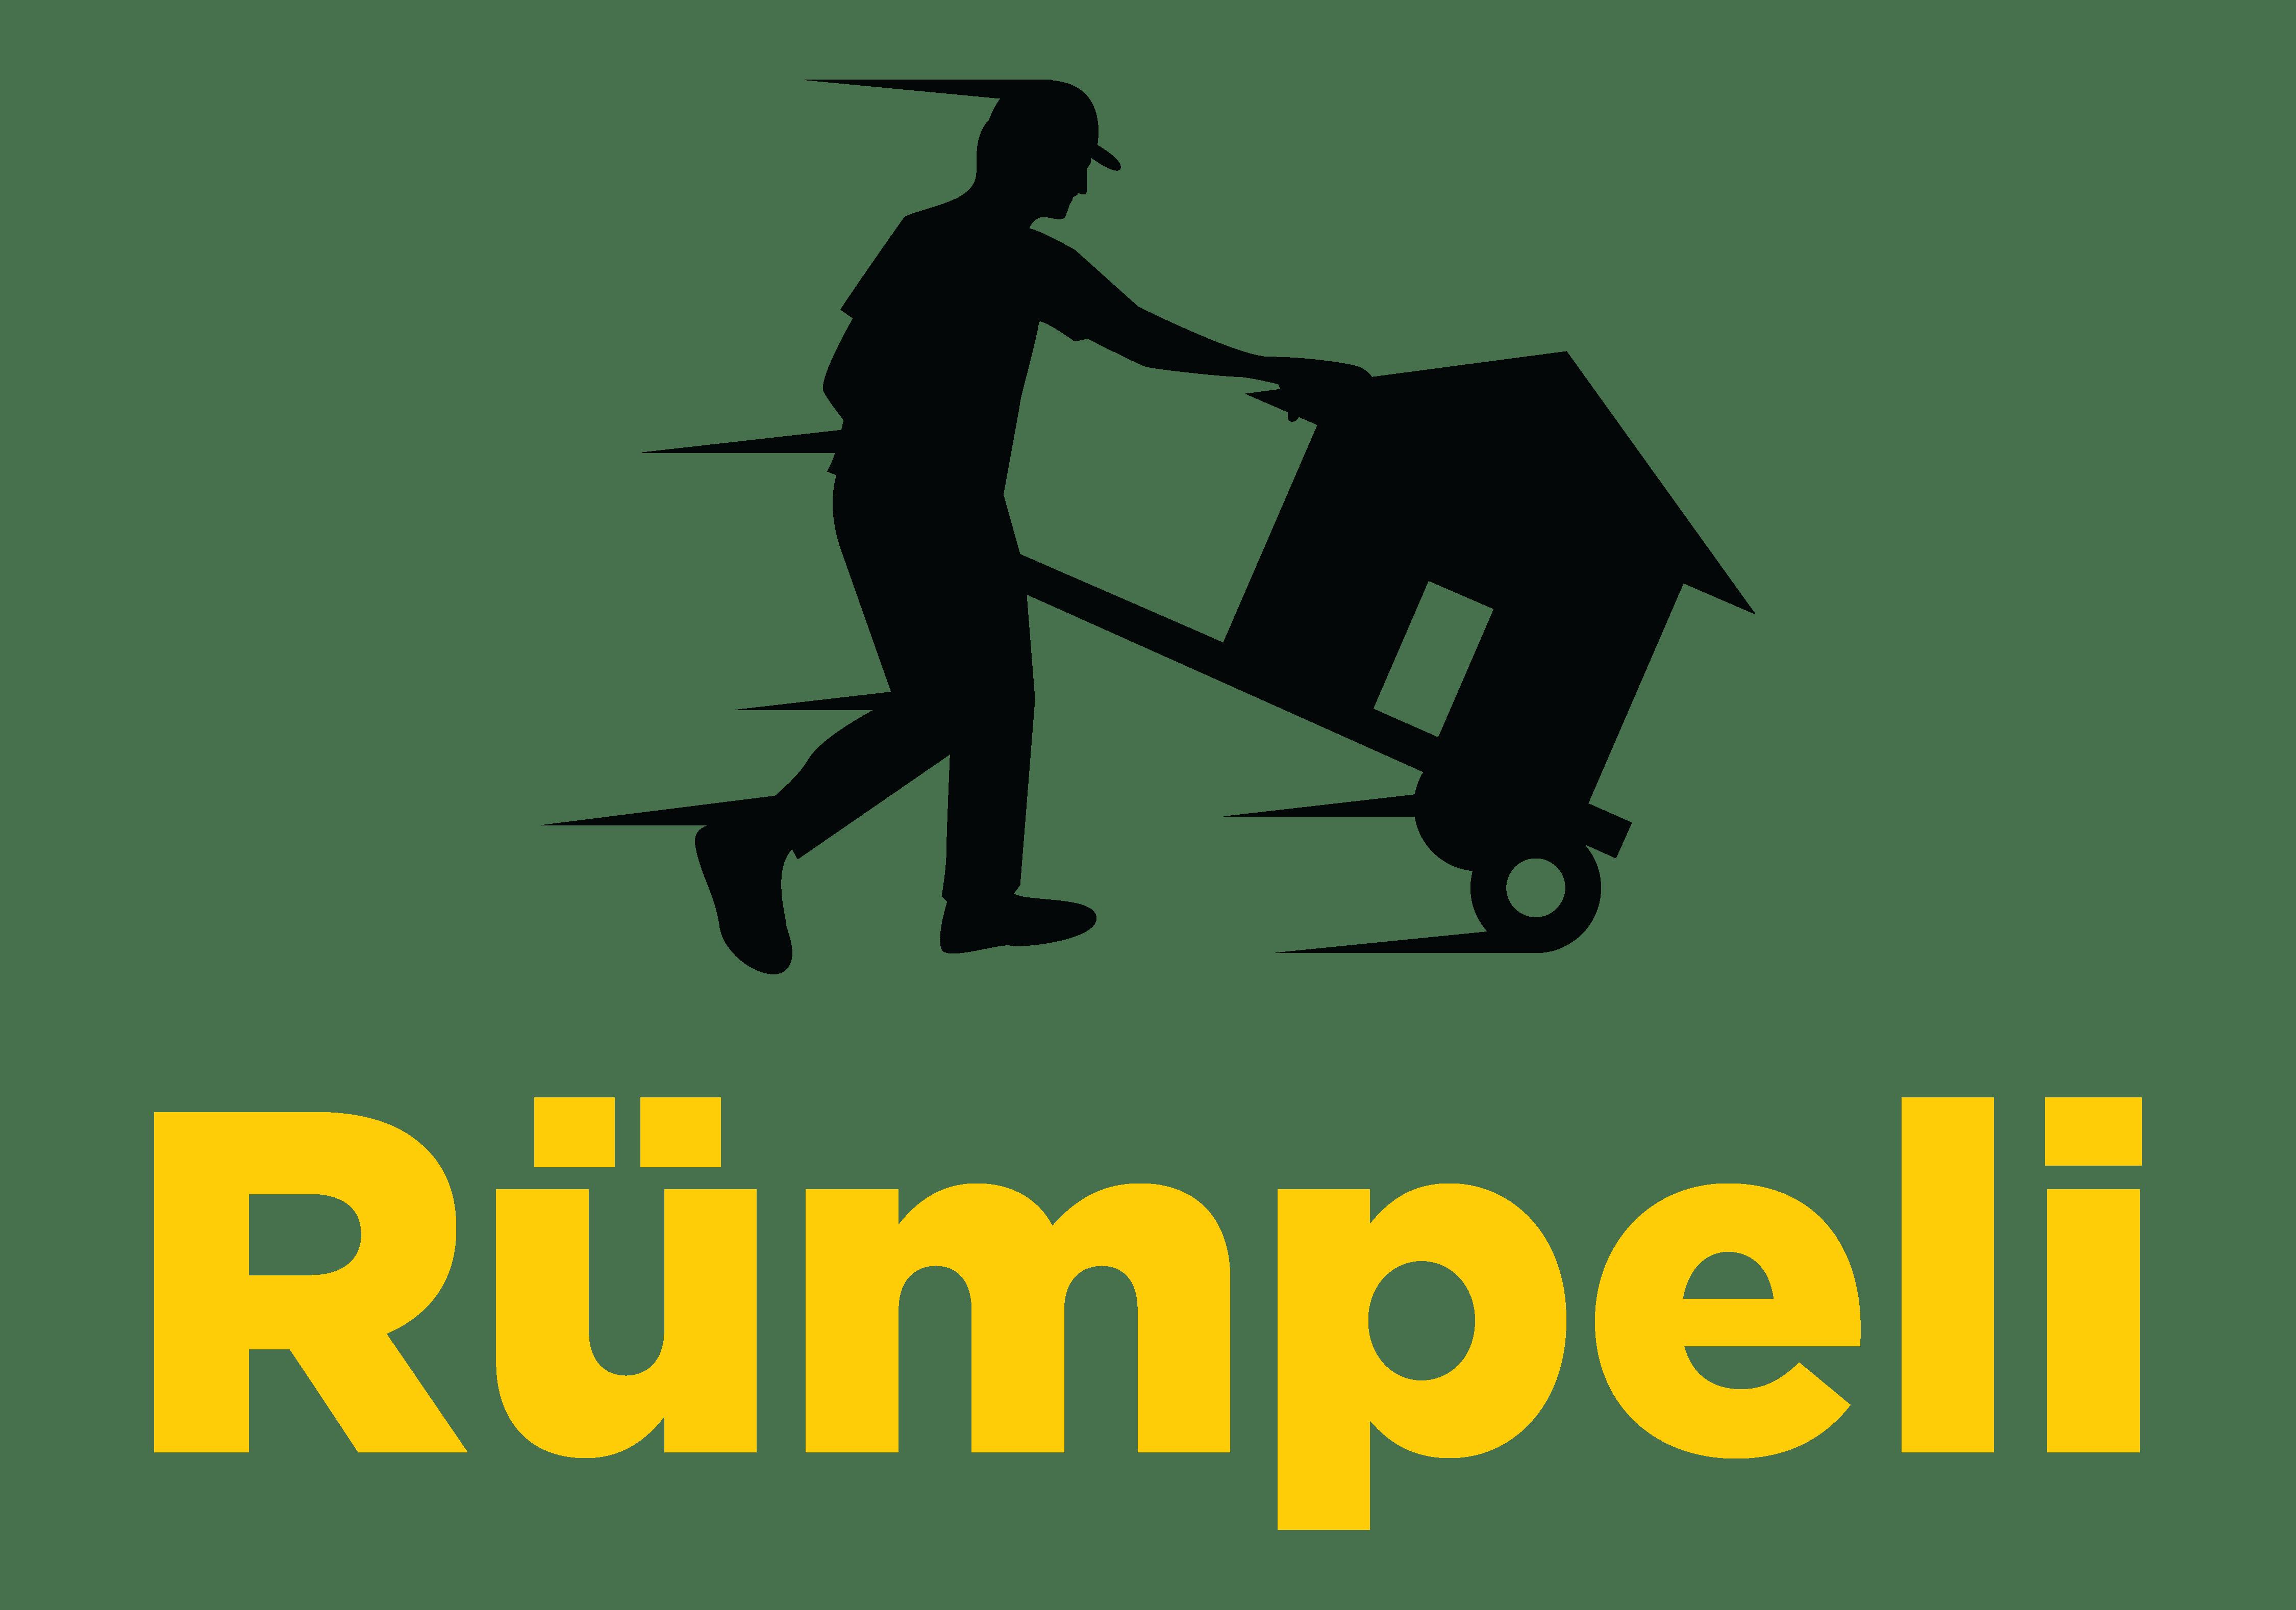 Entrümpelungen Stuttgart | Rümpeli